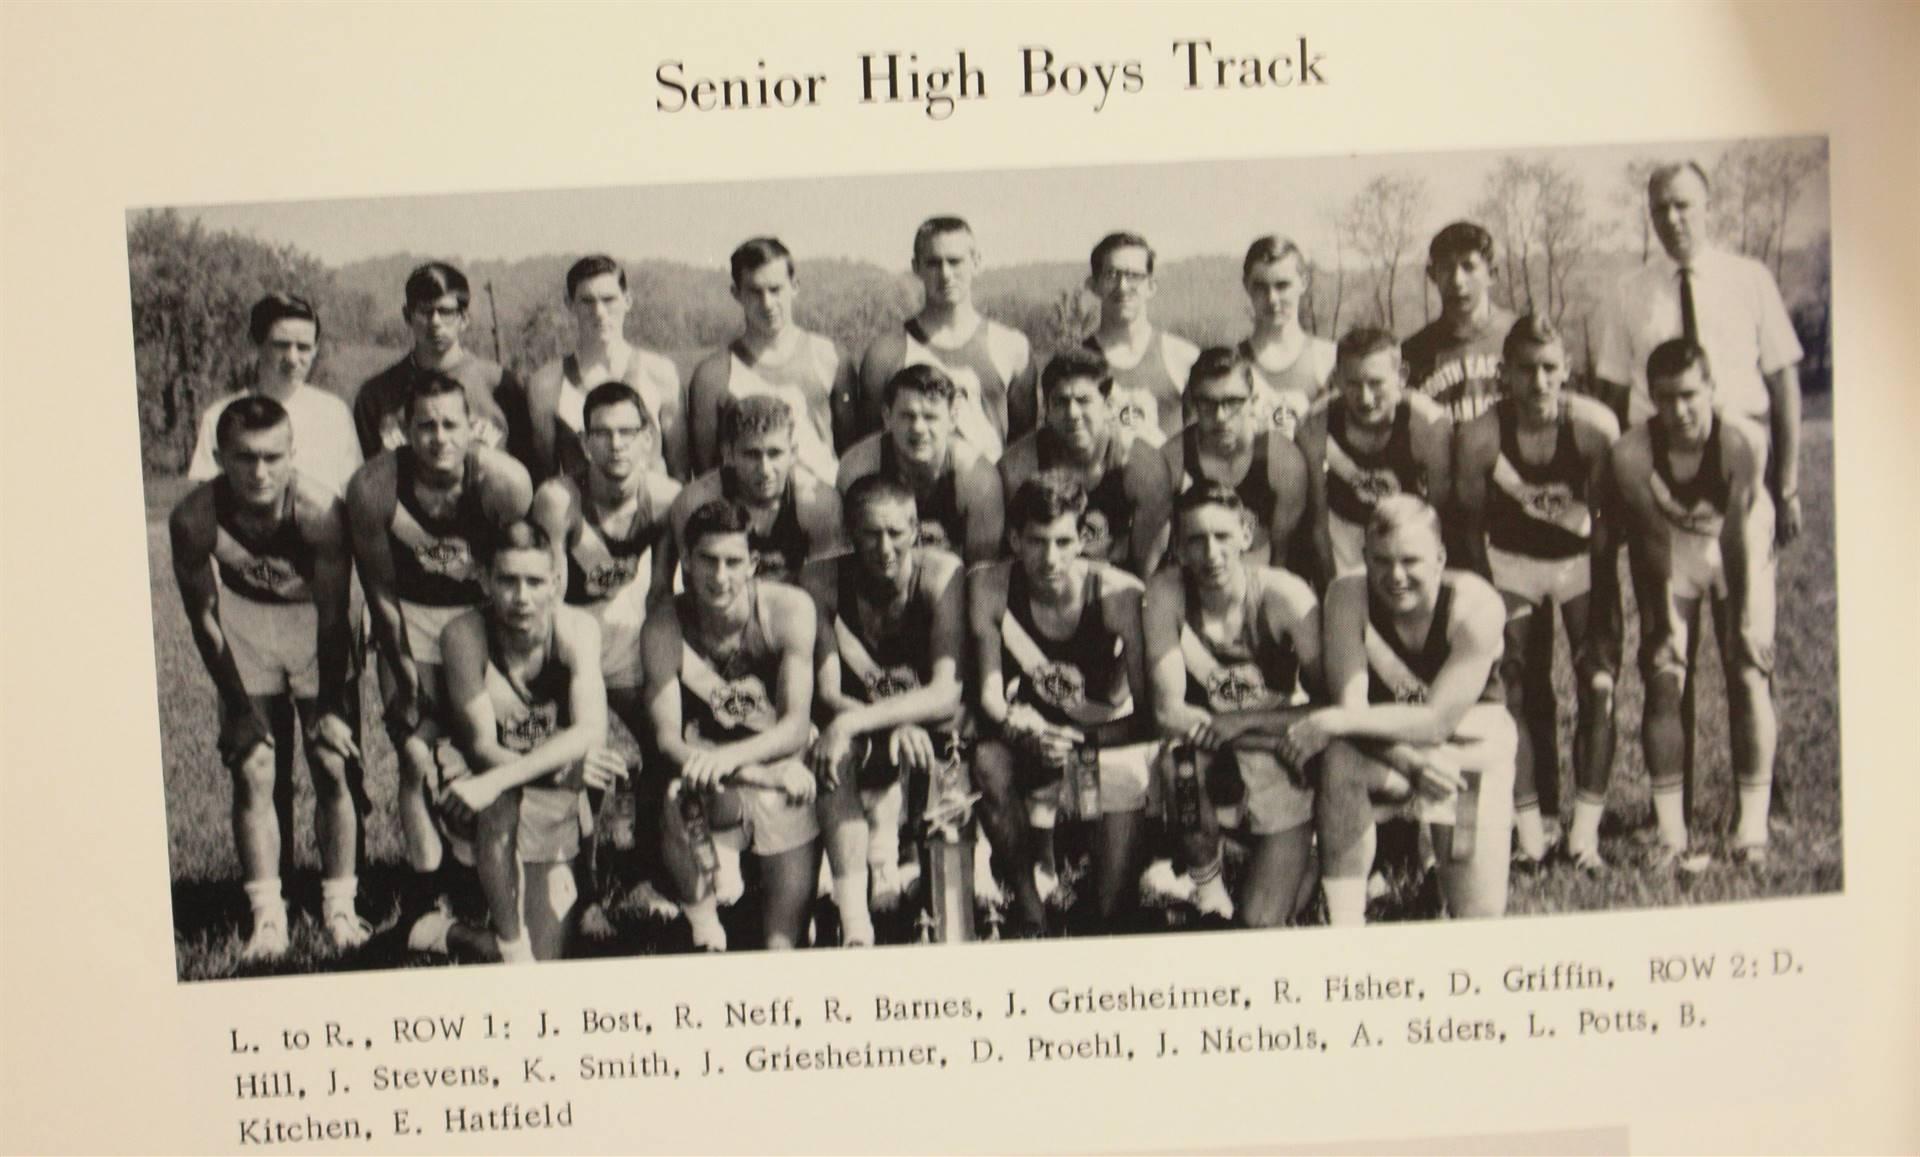 1965 senior high boys track